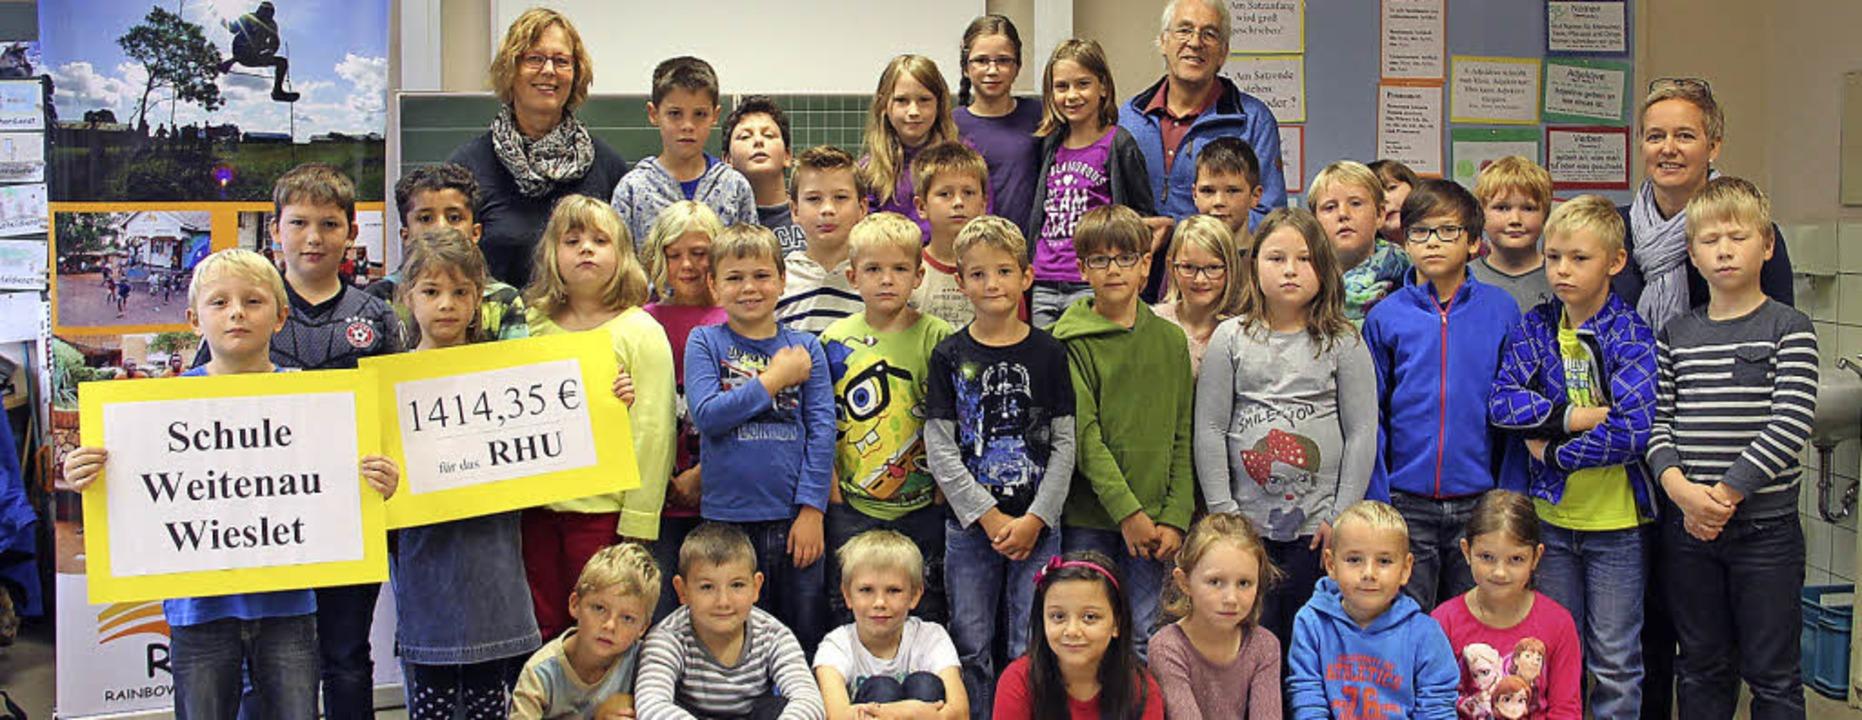 Solidarische Aktion mit Schülern in Ug...rin Astrid Nübling dabei (von links).   | Foto: monika weber